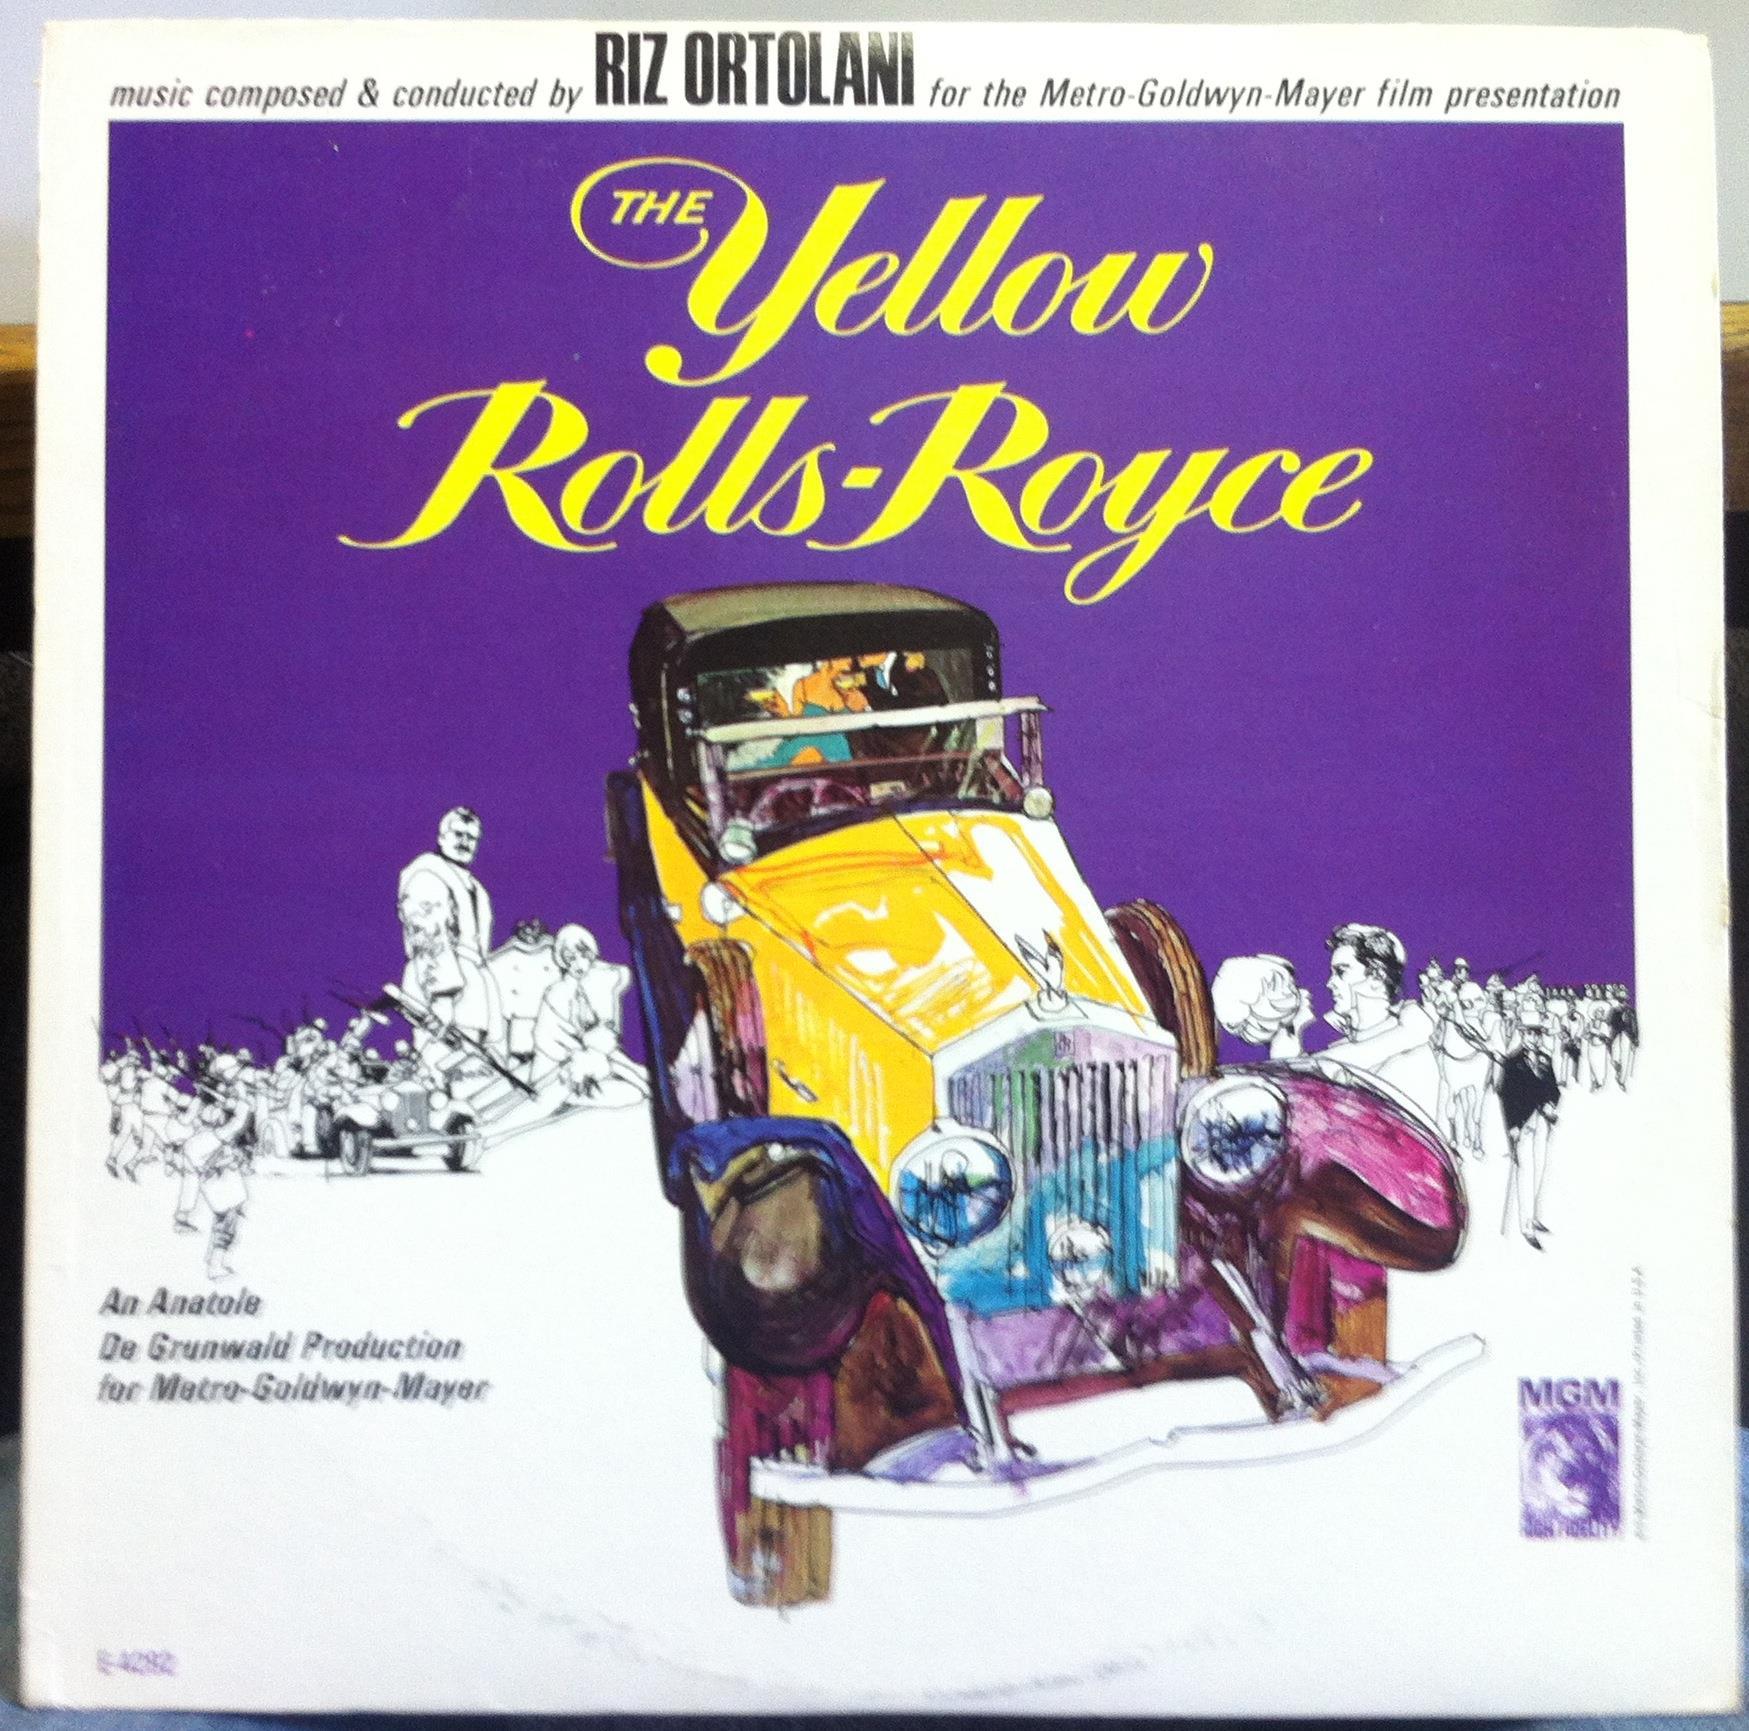 Riz Ortolani The Yellow Rolls Royce